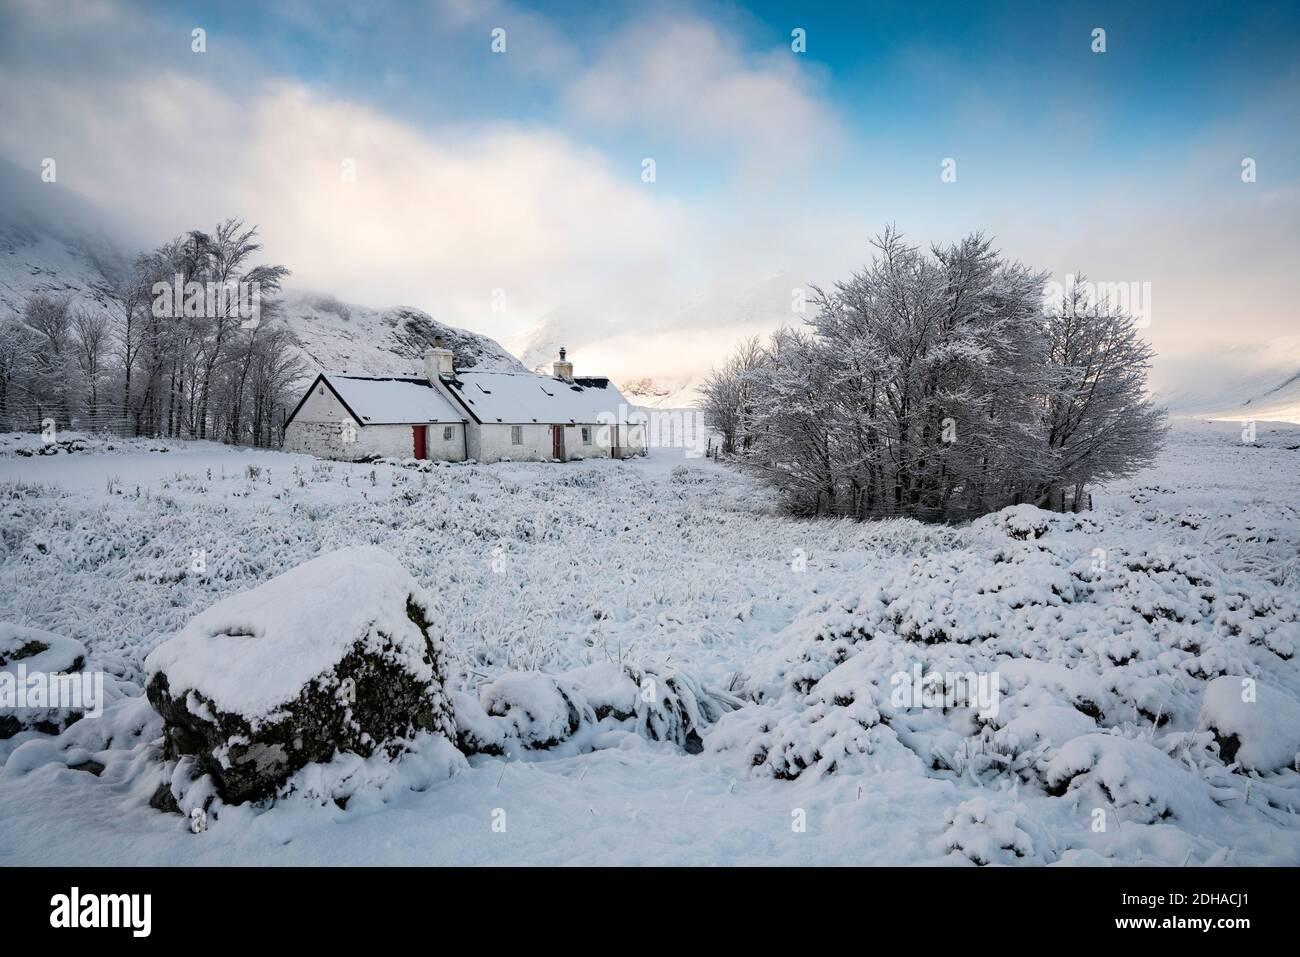 Paisaje invernal cubierto de nieve de Glen Coe en Blackrock Cottage en Scottish Highlands, Escocia, Reino Unido Foto de stock